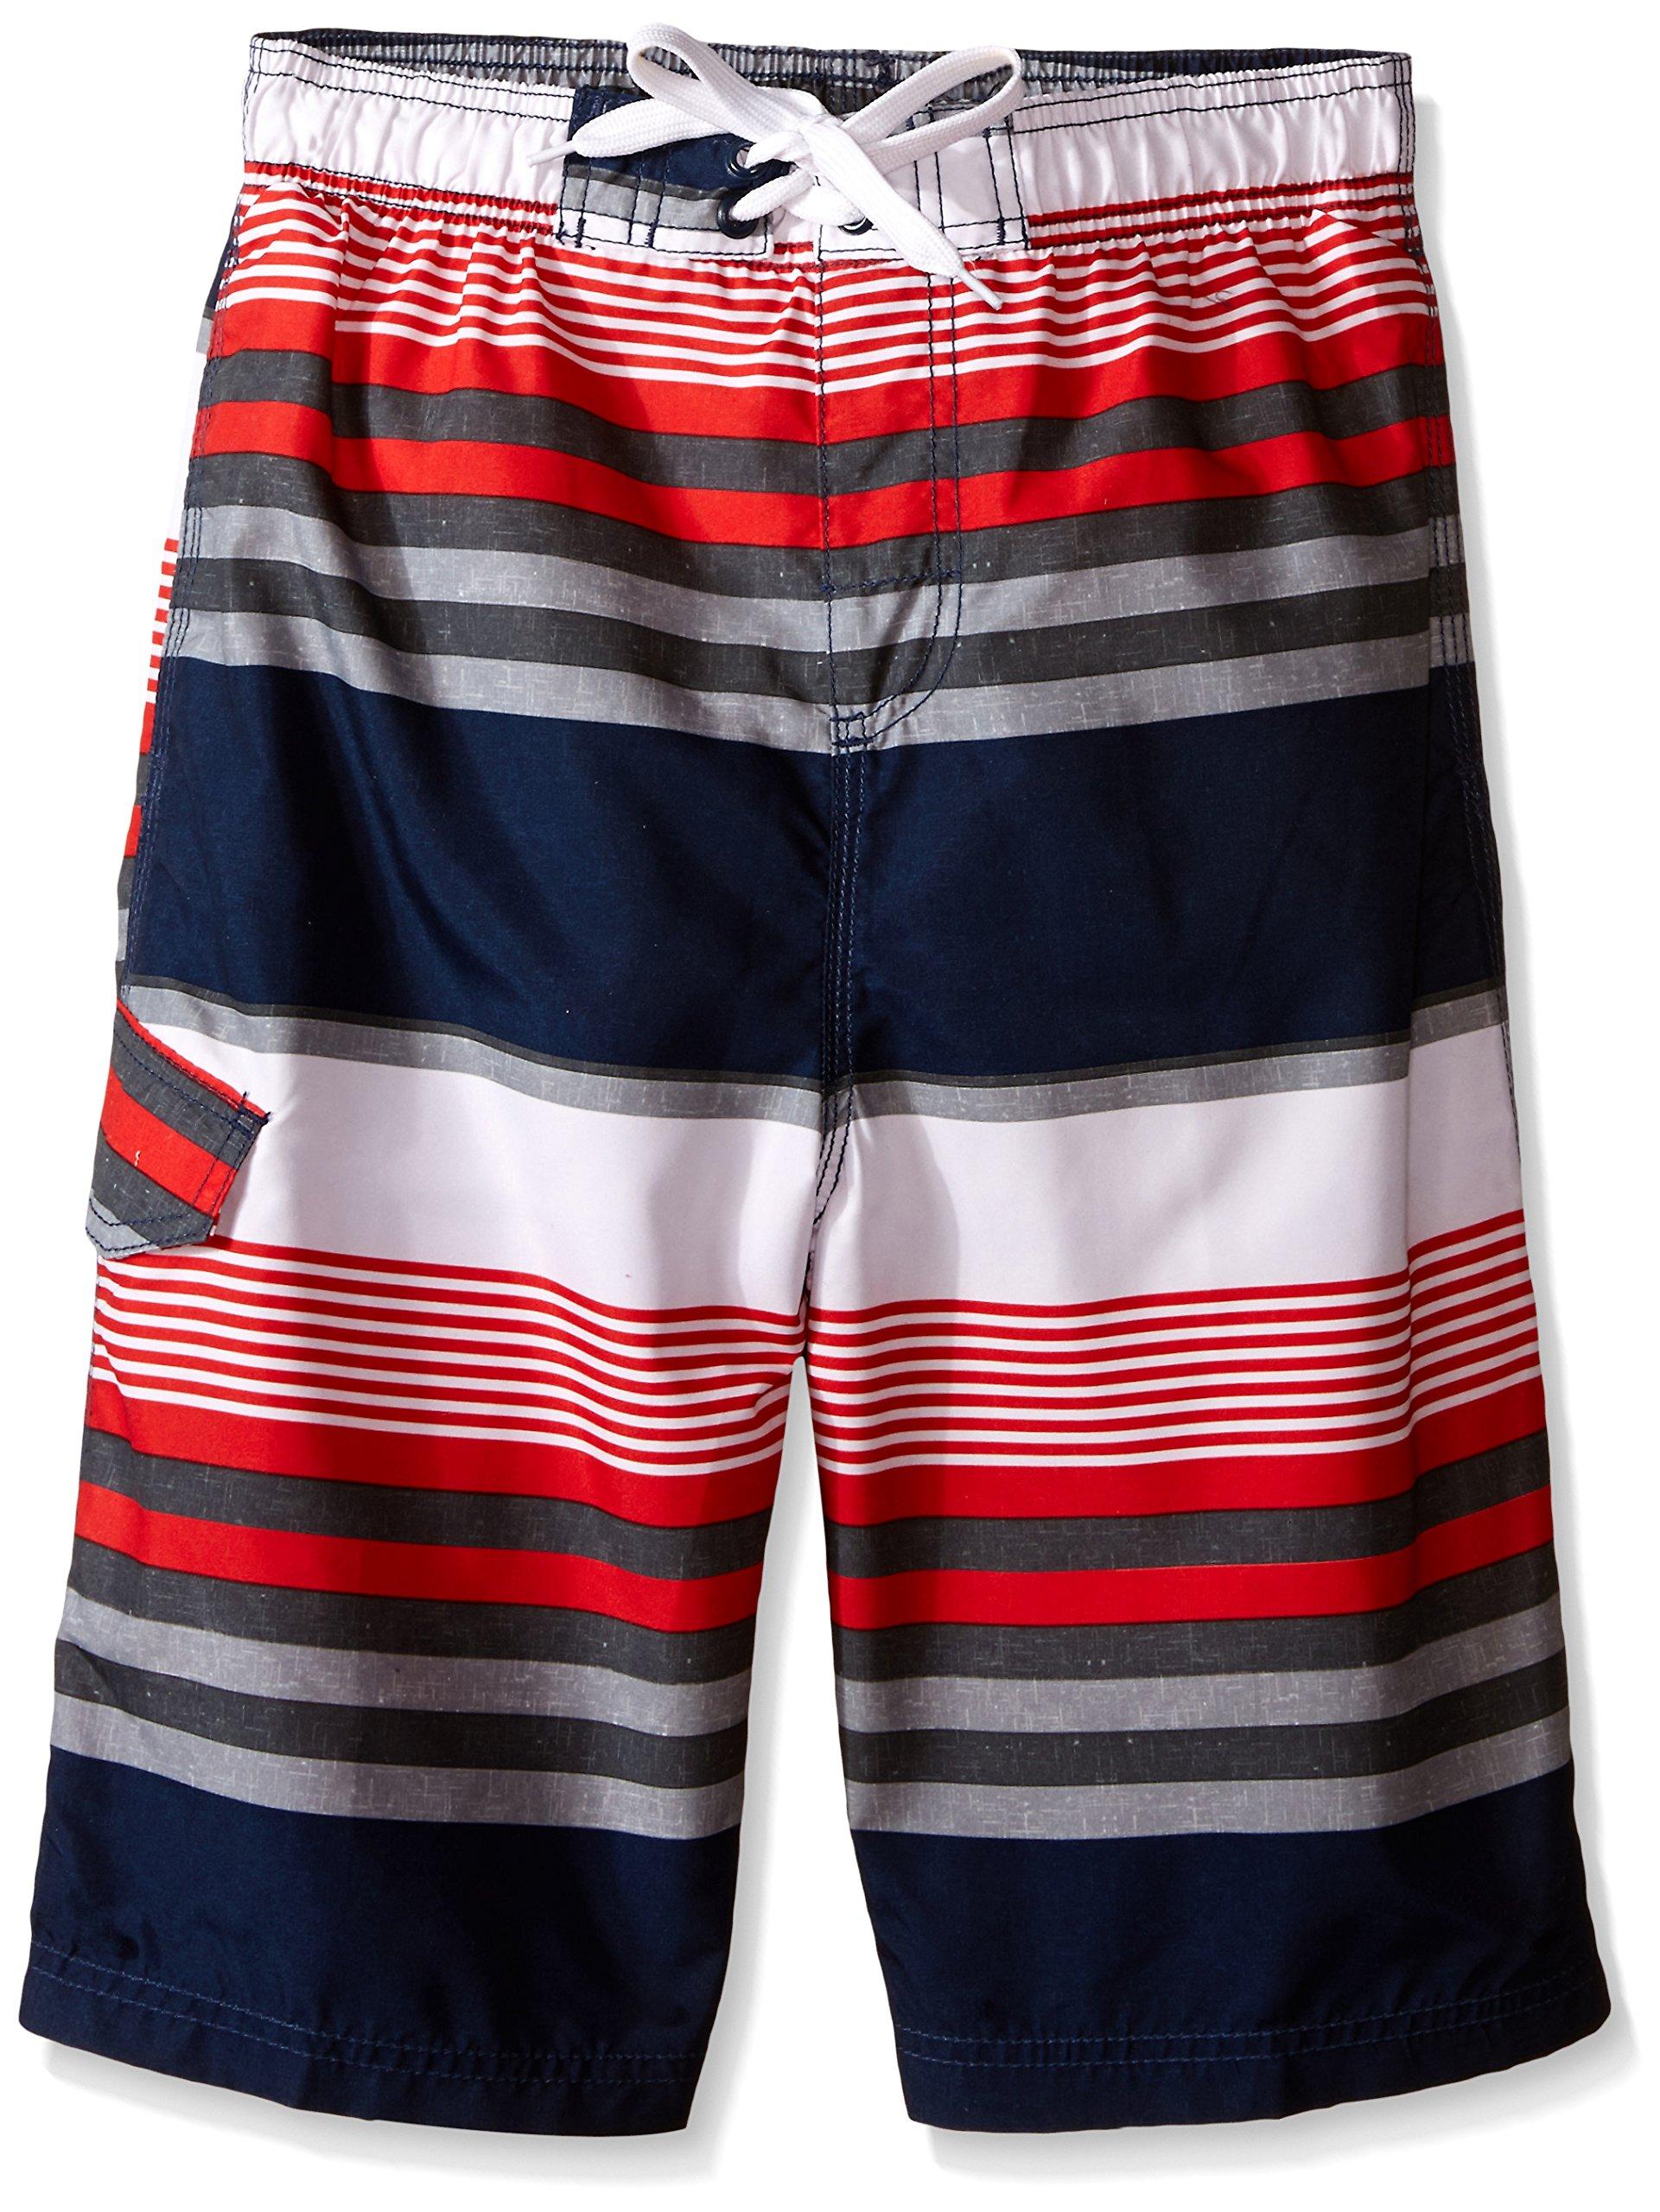 Kanu Surf Big Boys' Optic Stripe Swim Trunk, Navy/Red, Large (14/16)